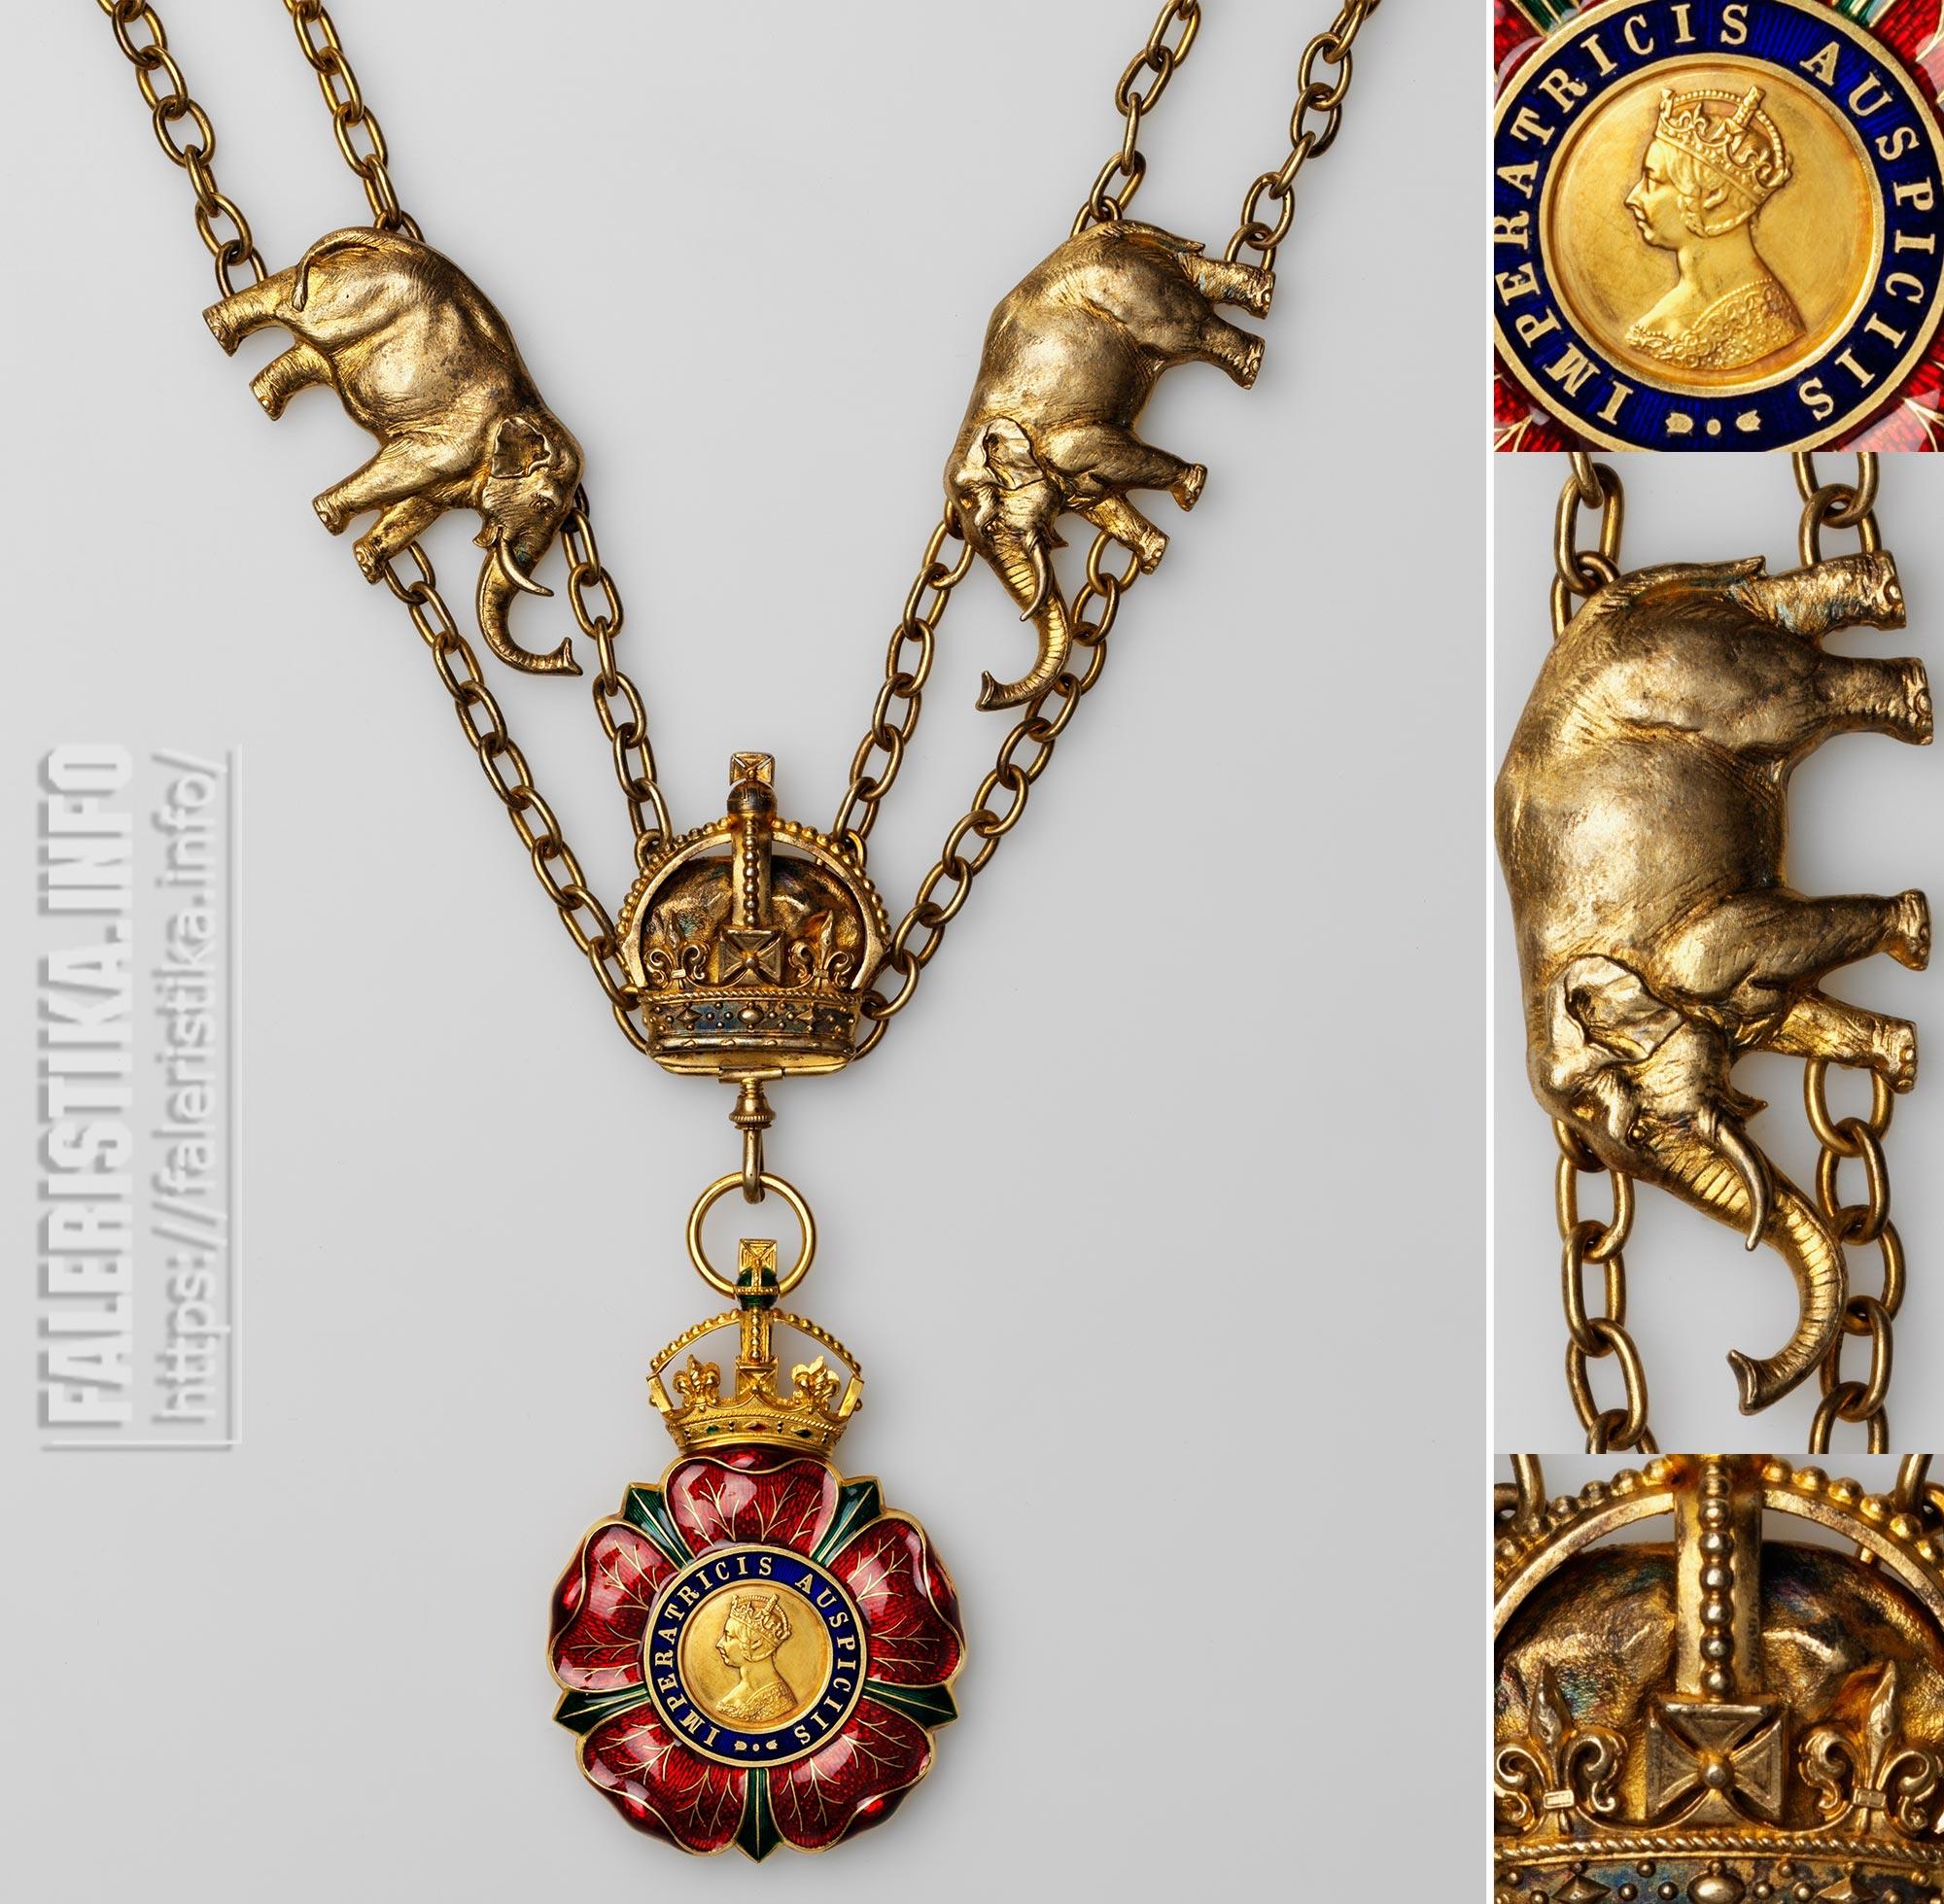 Выдающийся орден Индийской империи (англ. The Most Eminent Order of the Indian Empire). Цепь рыцаря-Великого командора со знаком. Лондон, 1887—1947. Серебро, золото (знак); литьё, штамп, гравировка, пунцирование, эмаль, гильошировка, золочение, монтировка. Цепь – 153х4,3; знак – 9,5х6 (с петлёй). Коллекция А.Л. Хазина